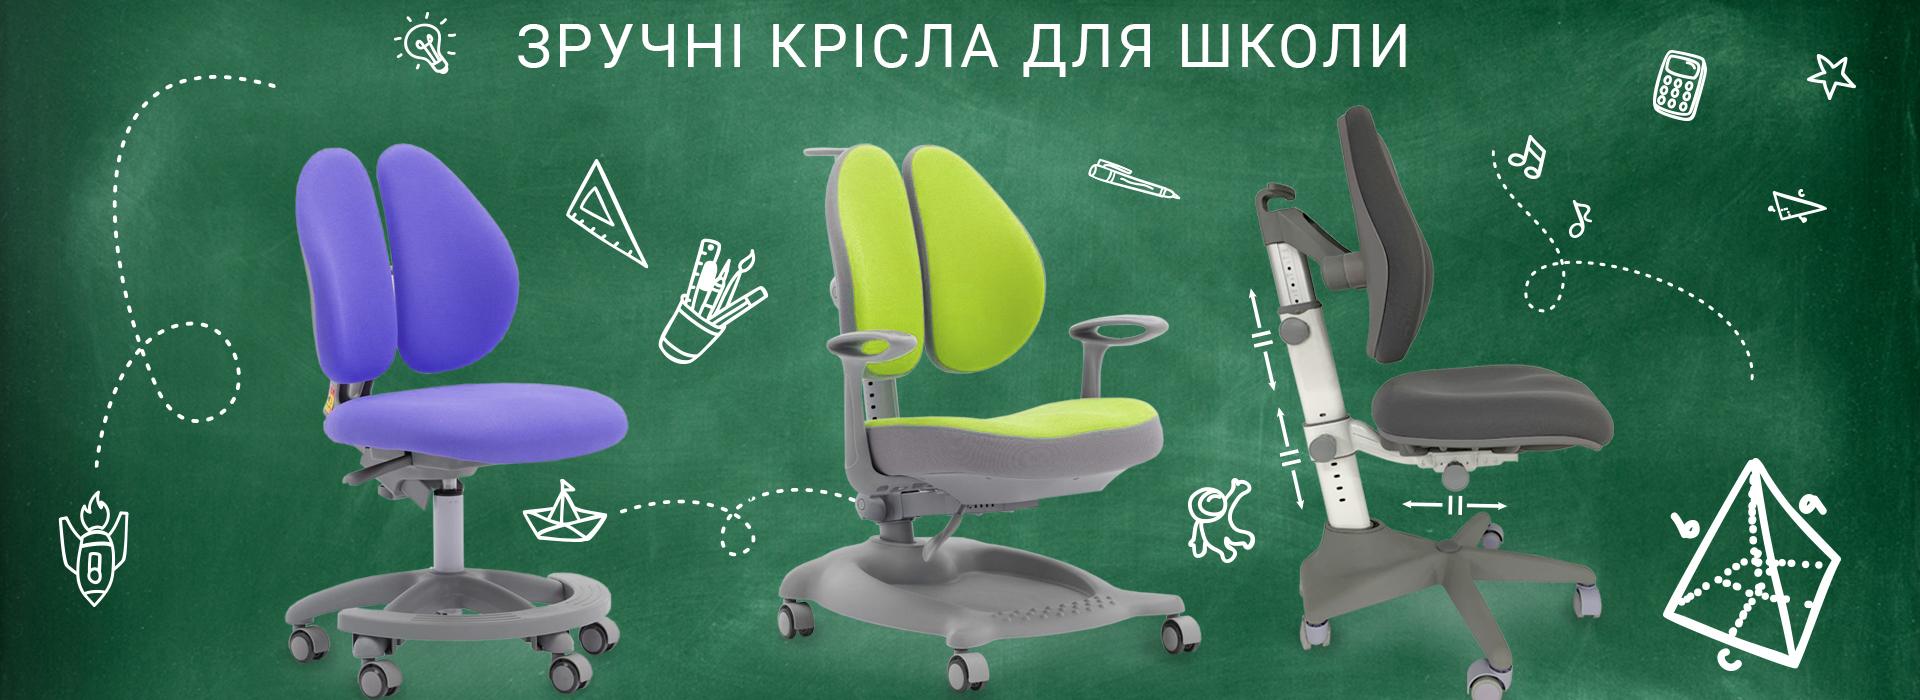 Комфортні ортопедичні крісла GT Racer для школи!